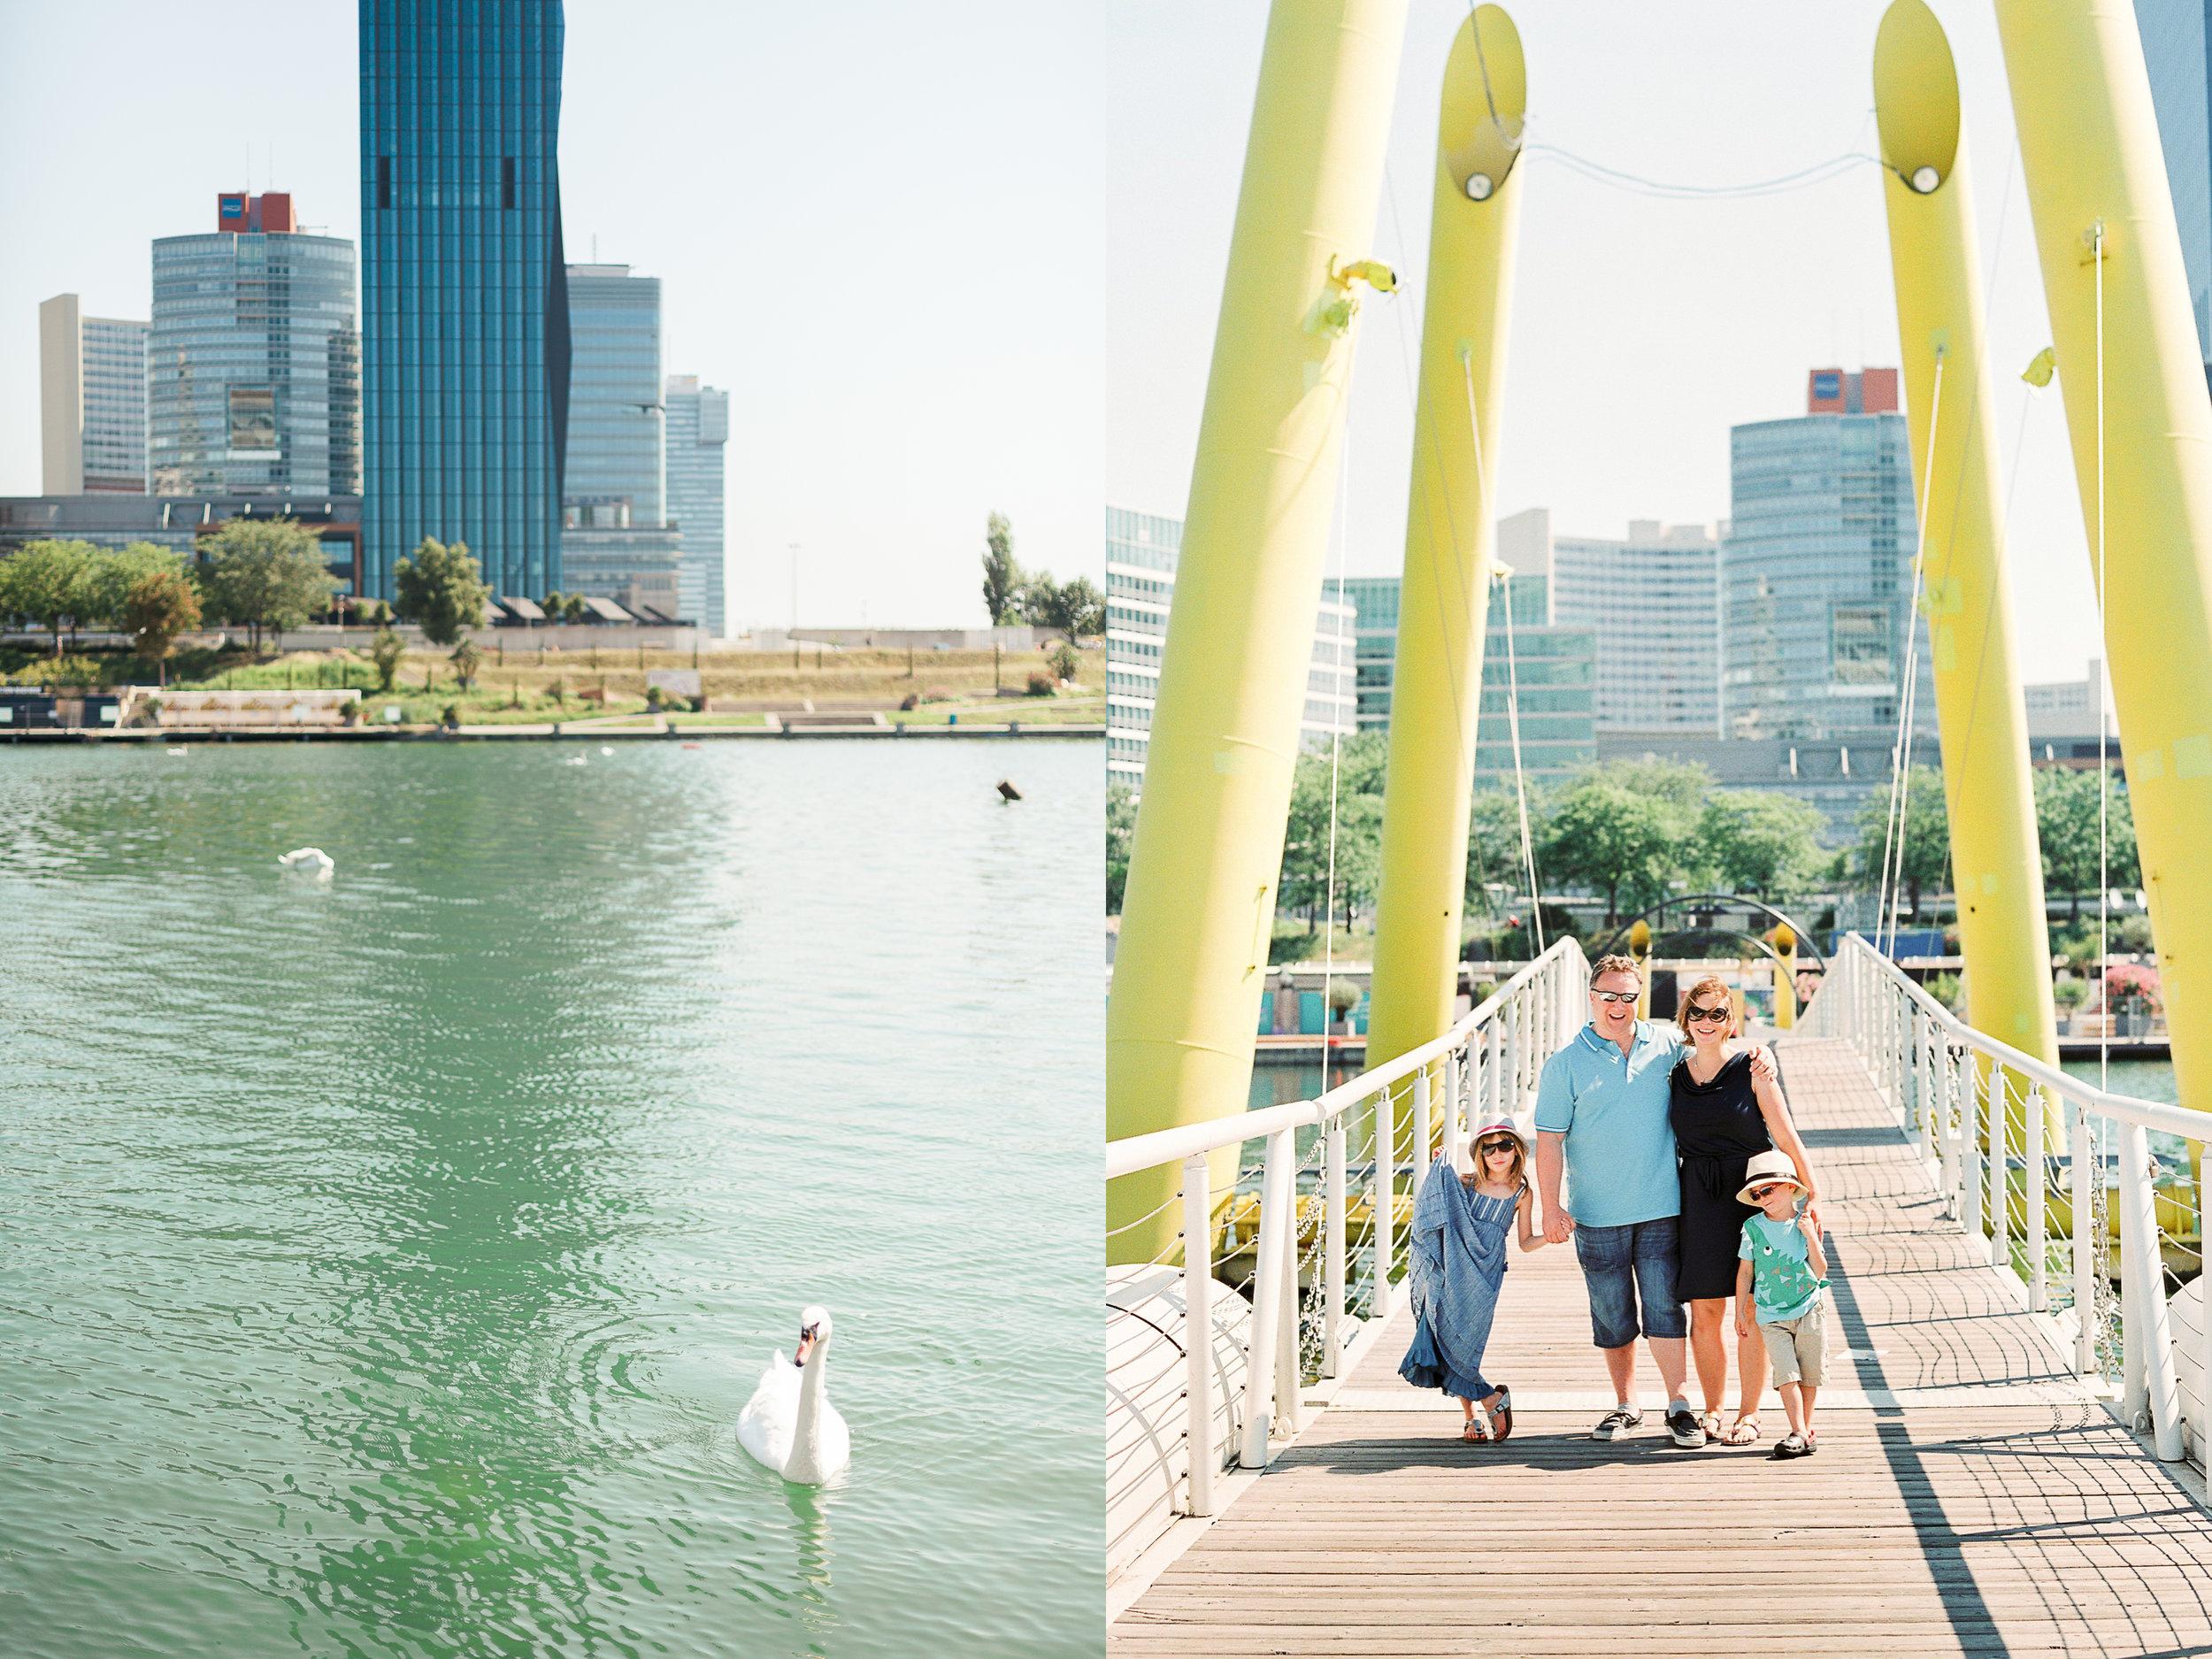 Donauinsel, Vienna | Family Portraits | Michelle Mock Photography | Portrait Photographer | Vienna Film Photographer | Contax 645 | Fuji400